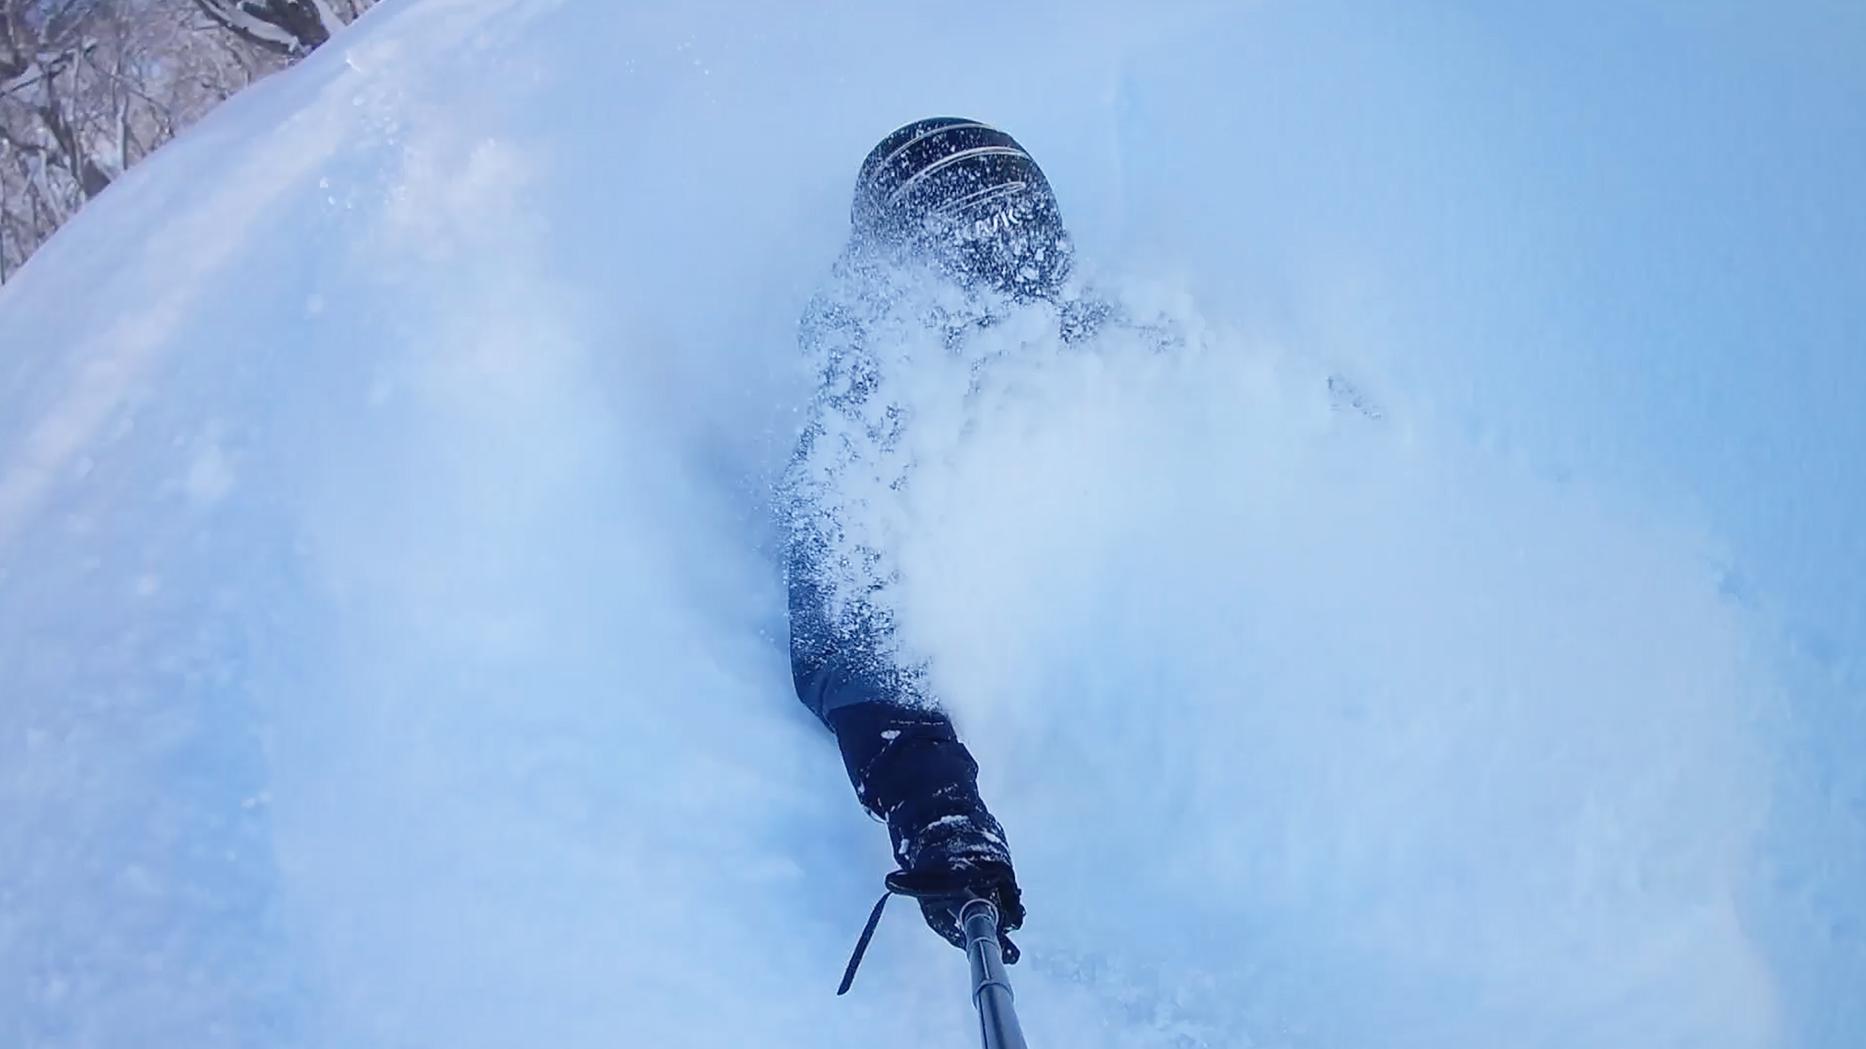 すんご〜く晴れたので久しぶりにアクションカムゲットしてパウダー滑ってみました!